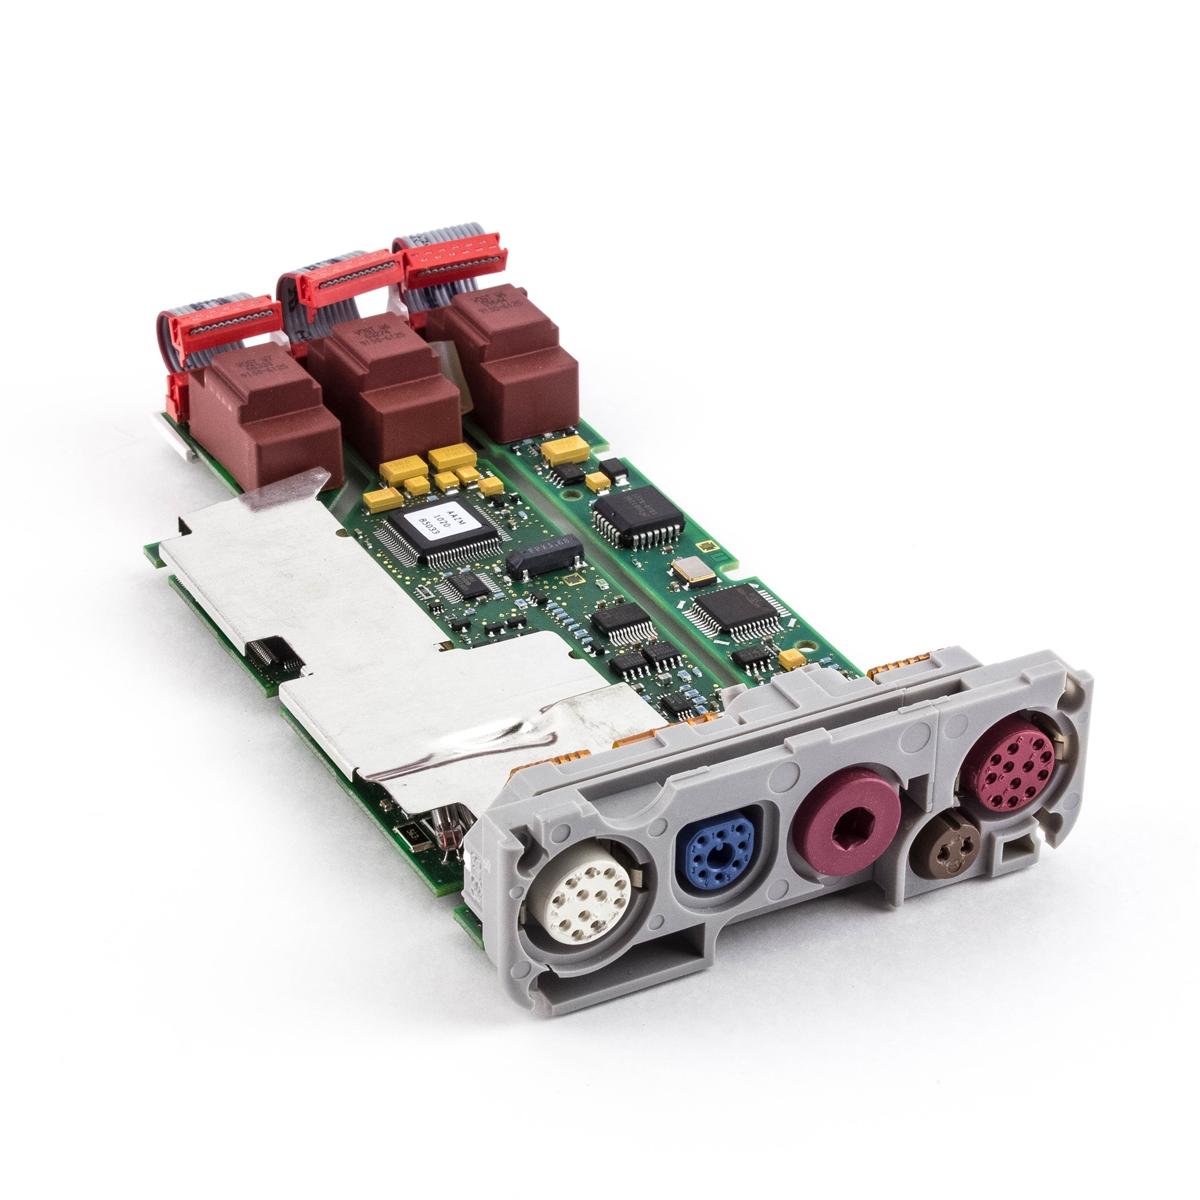 Philips IntelliVue M3001A A02 Parameter Board Nellcor OxiMax SpO2 NiBP 5 Lead ECG New Style